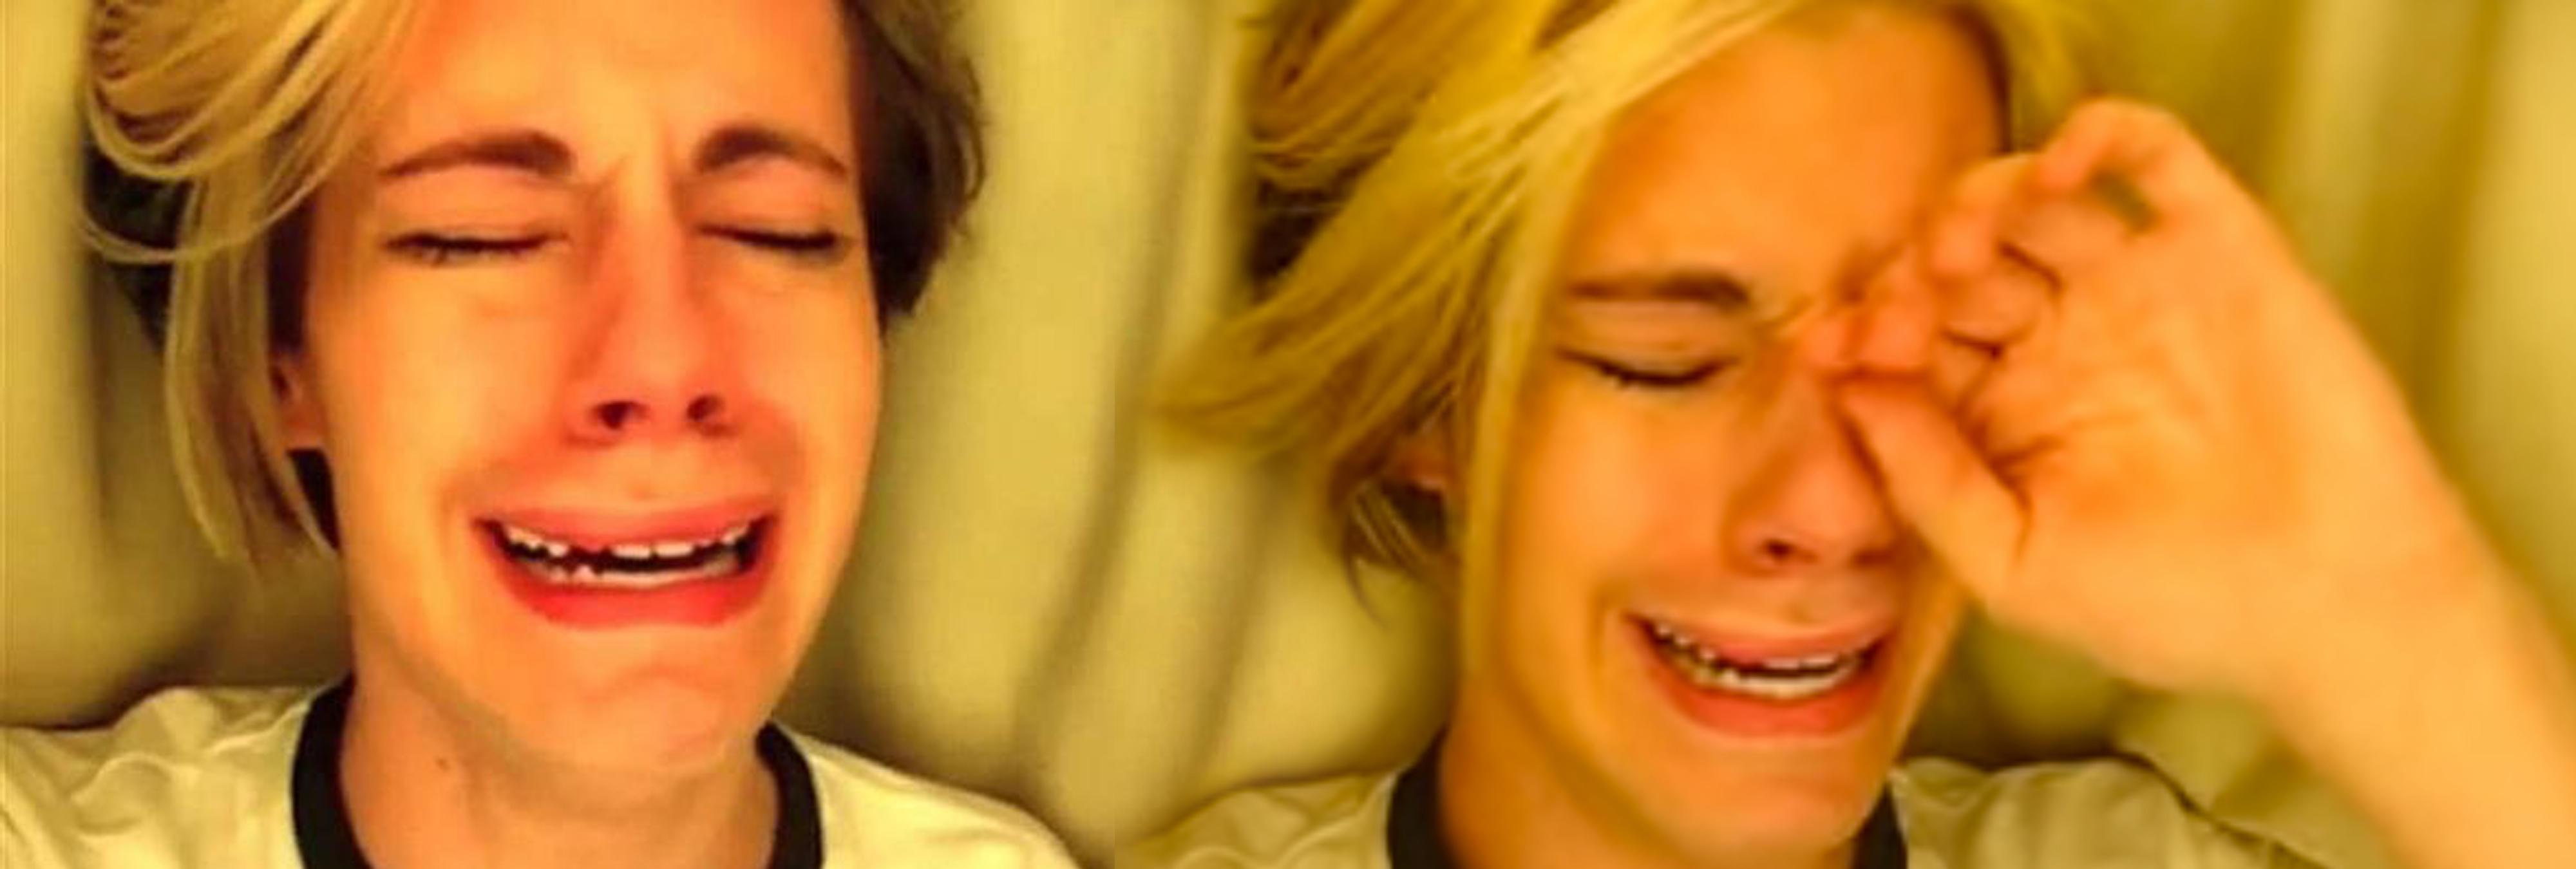 ¿Qué fue del chico del 'Leave Britney Alone'? Su espectacular cambio físico